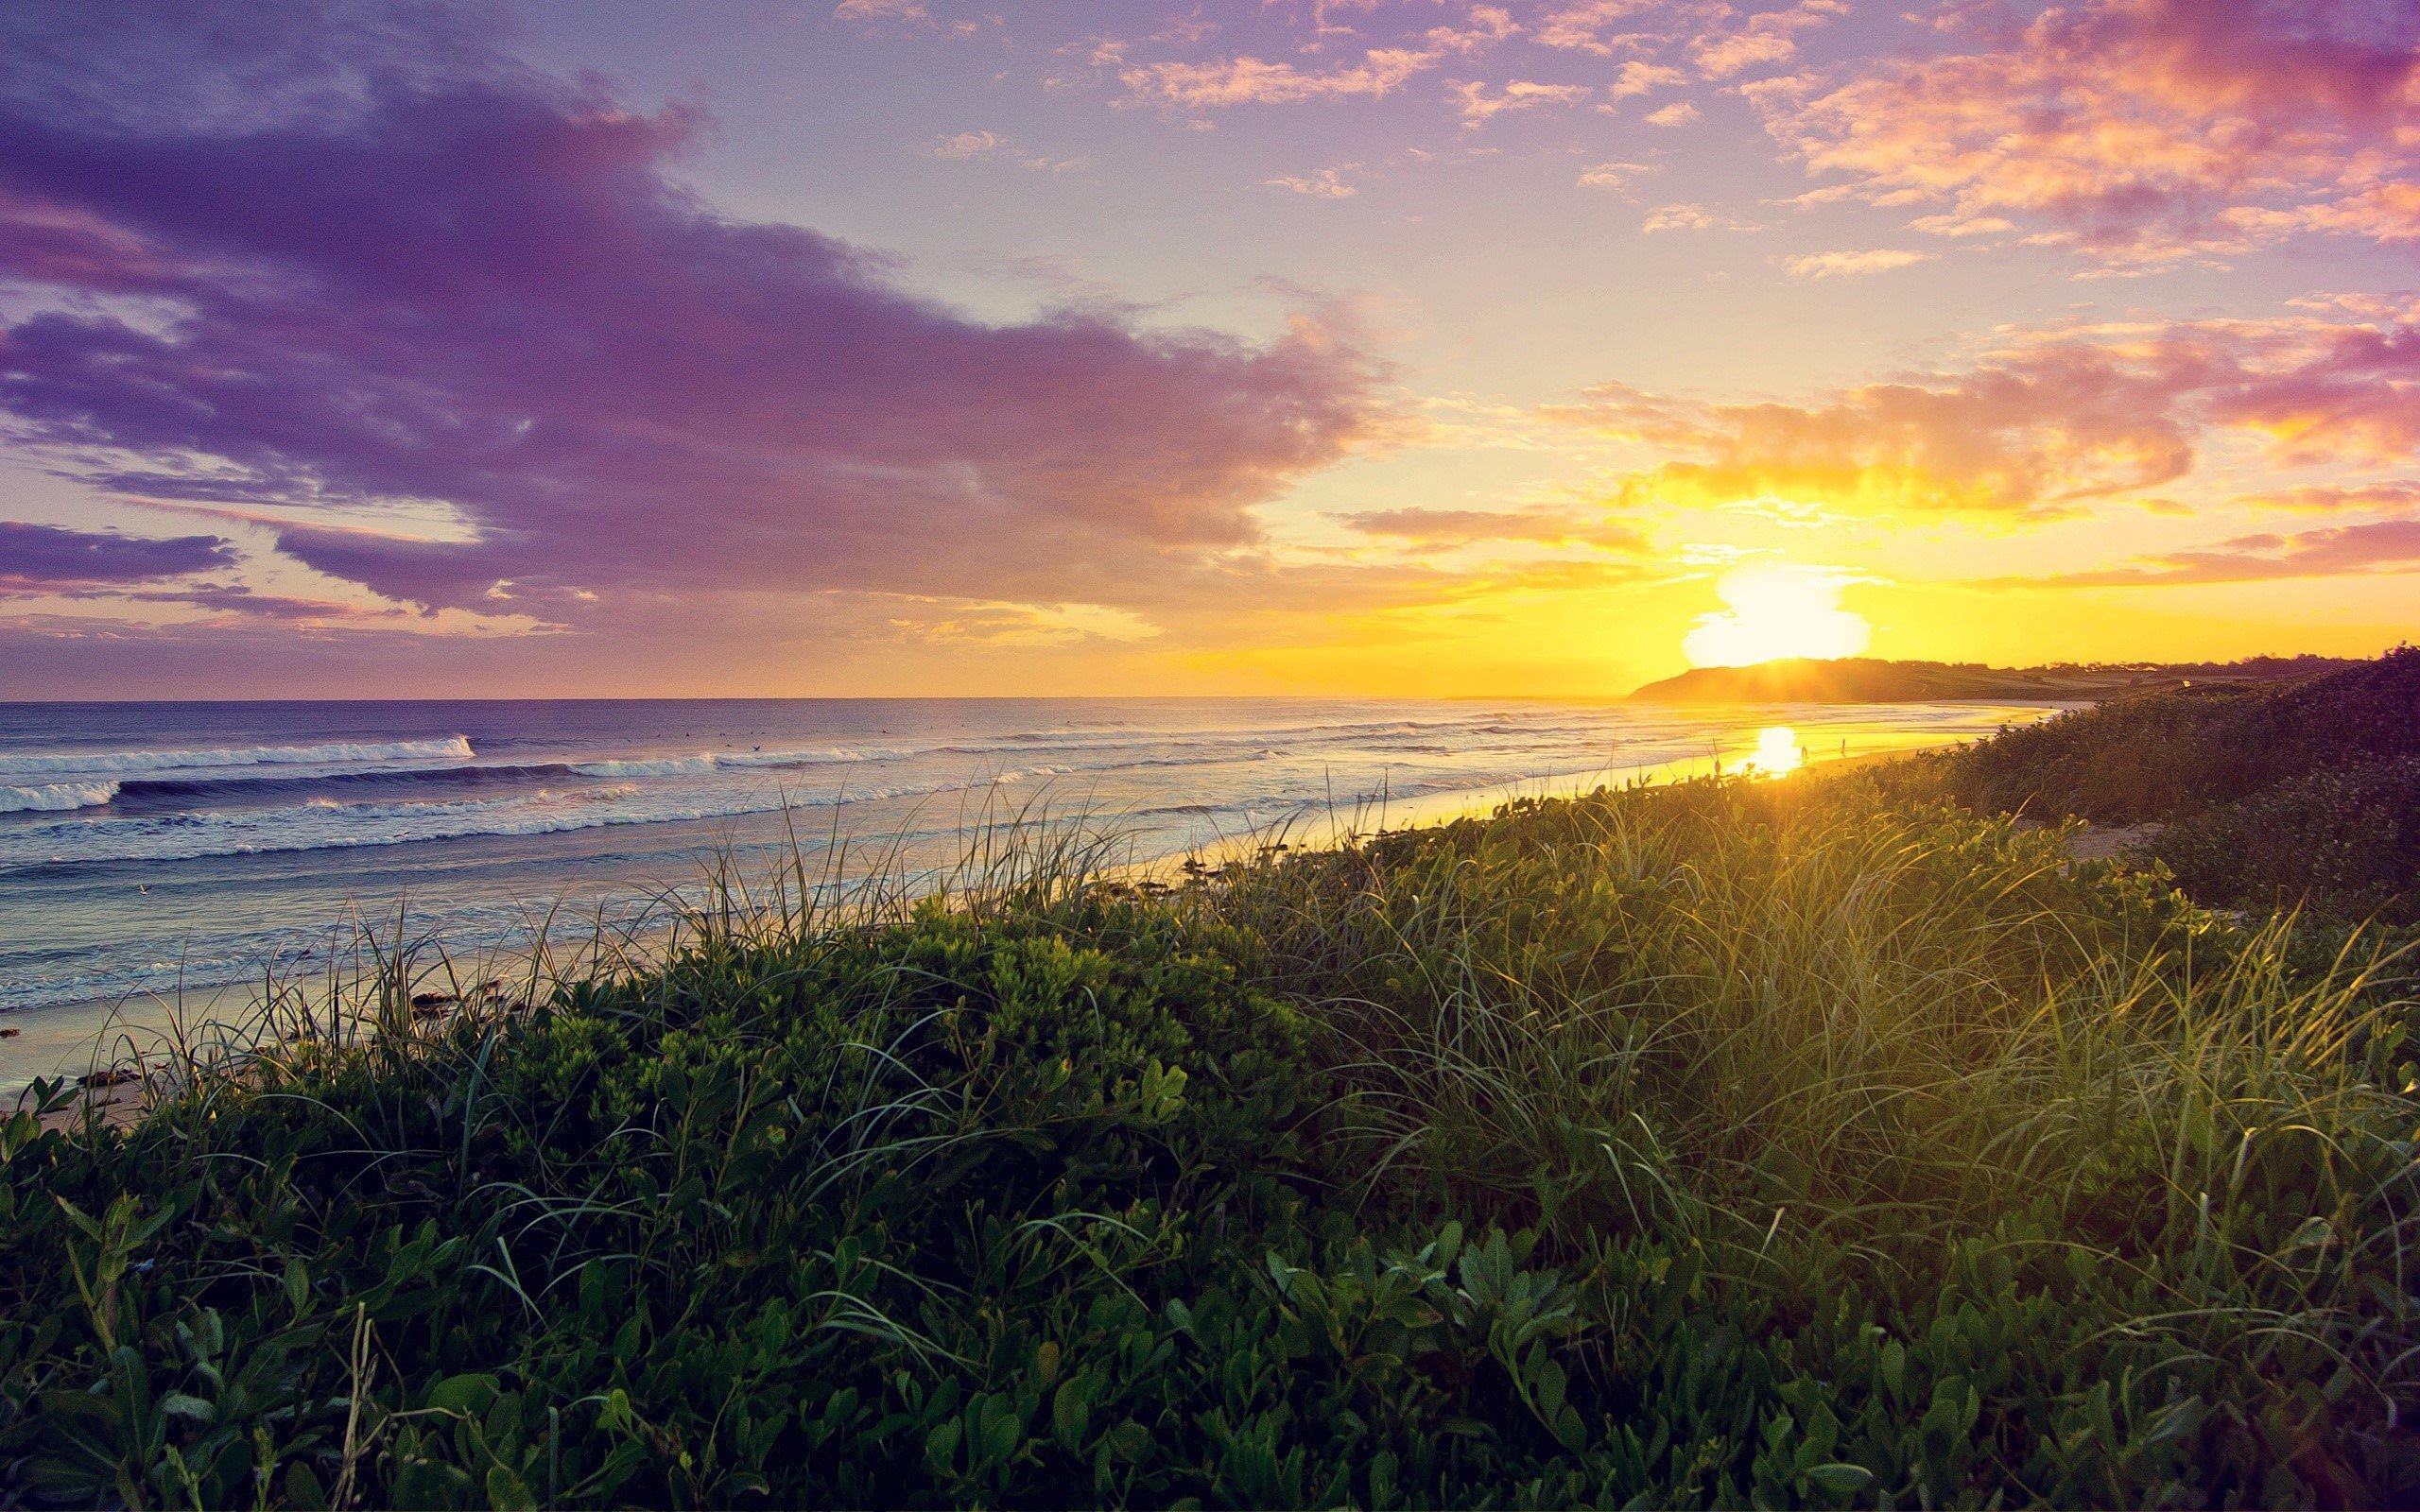 Fondo de pantalla de Amanecer en la playa Imágenes